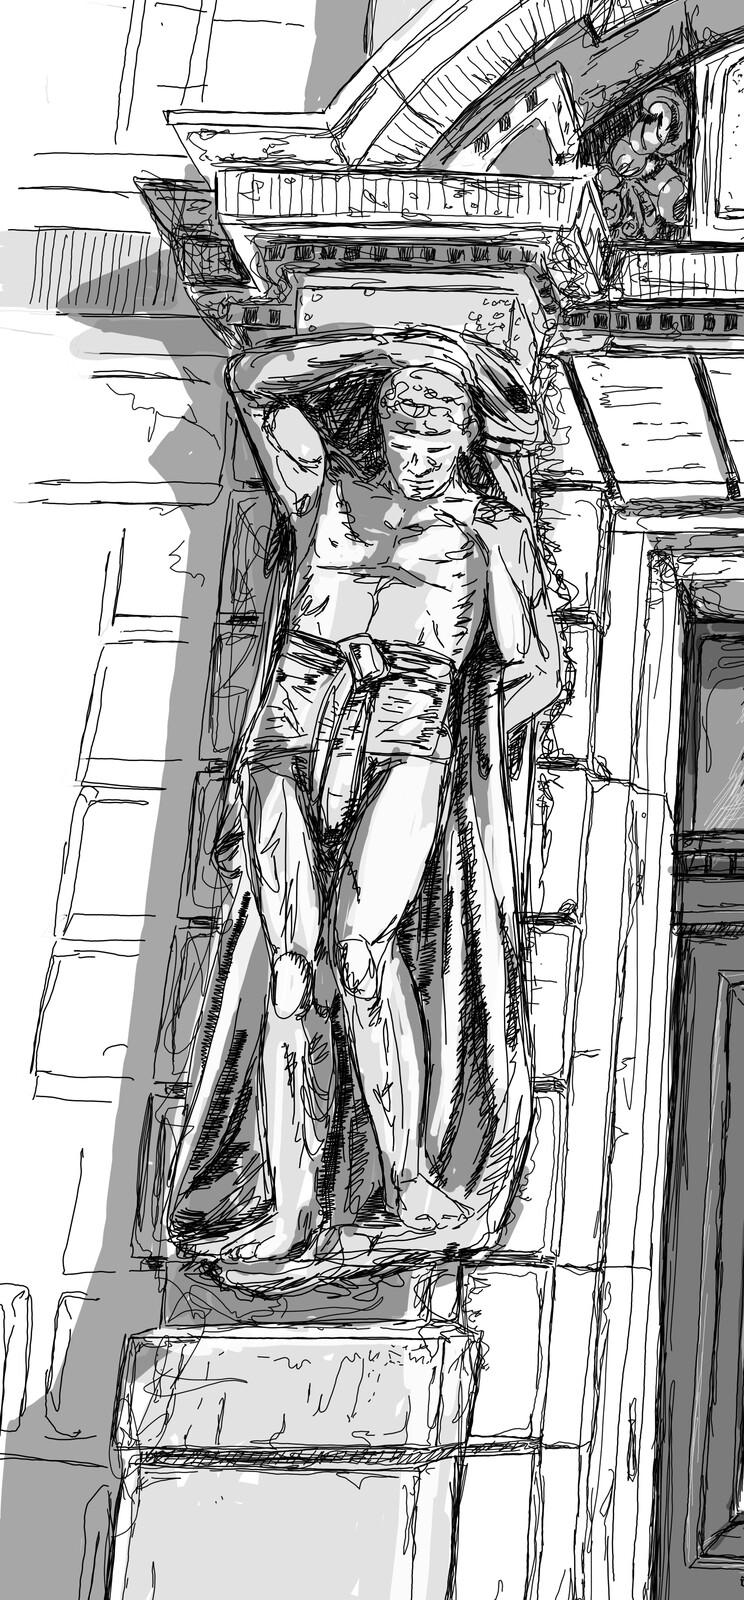 son's statue